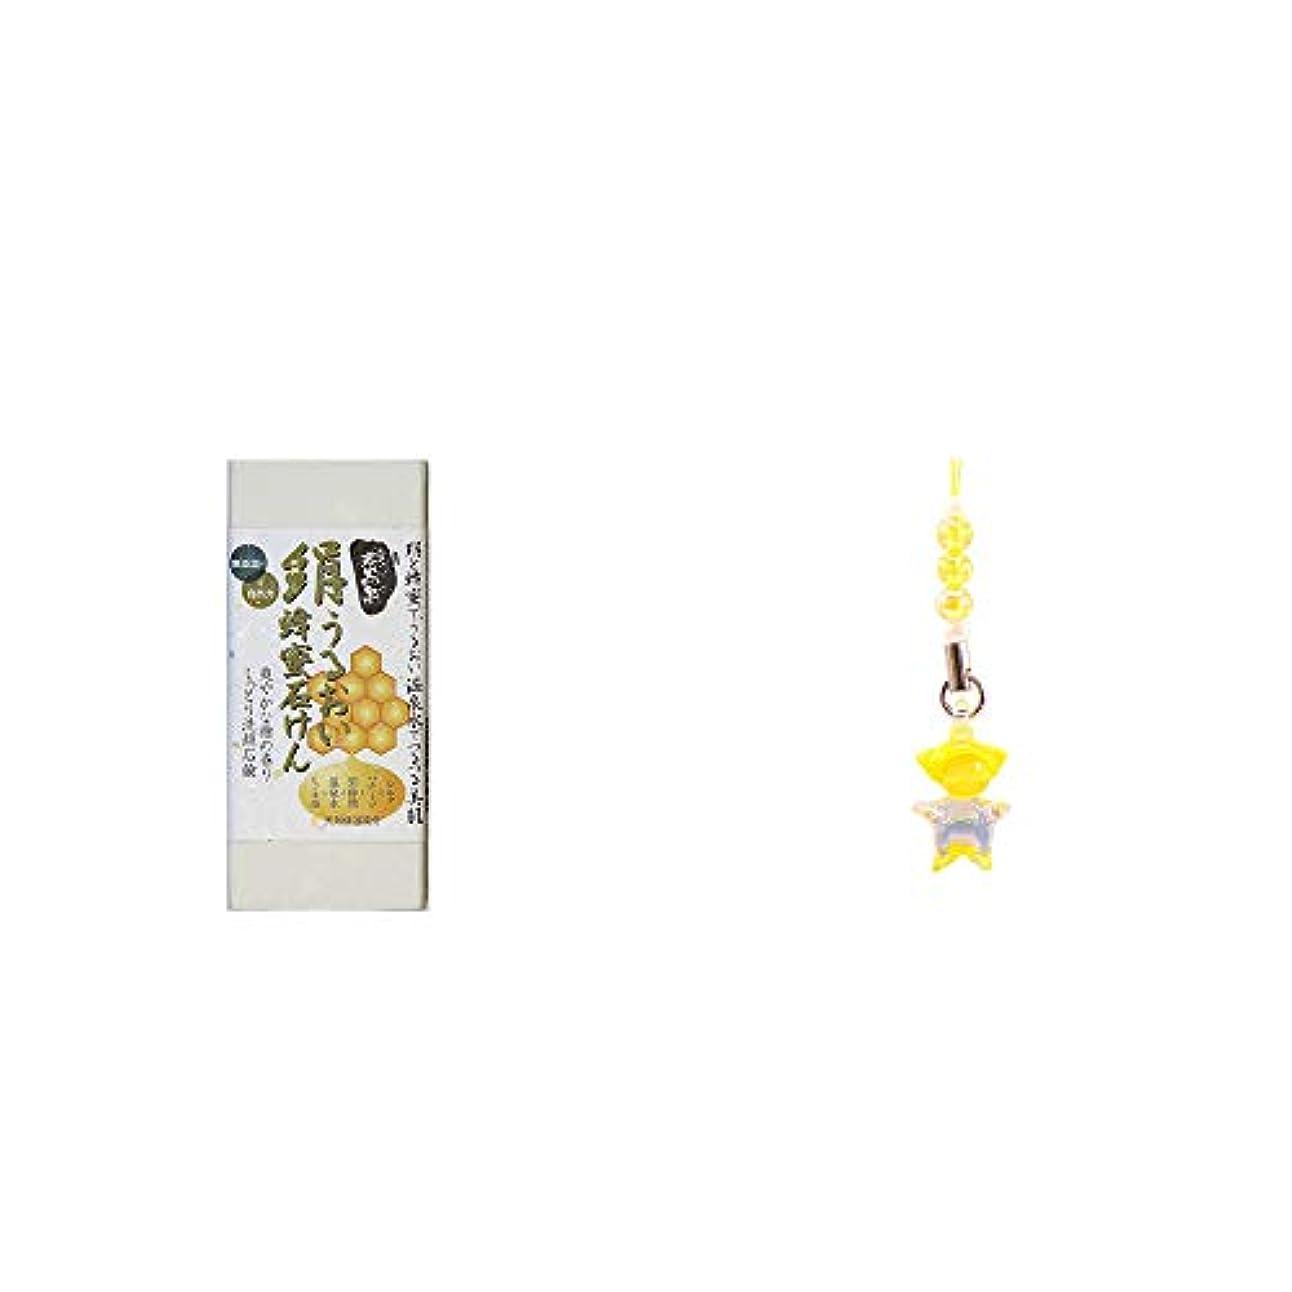 コインランドリー予測子不合格[2点セット] ひのき炭黒泉 絹うるおい蜂蜜石けん(75g×2)?ガラスのさるぼぼ 手作りキーホルダー 【黄】 /金運?ギャンブル運?財運?宝くじ当選祈願//